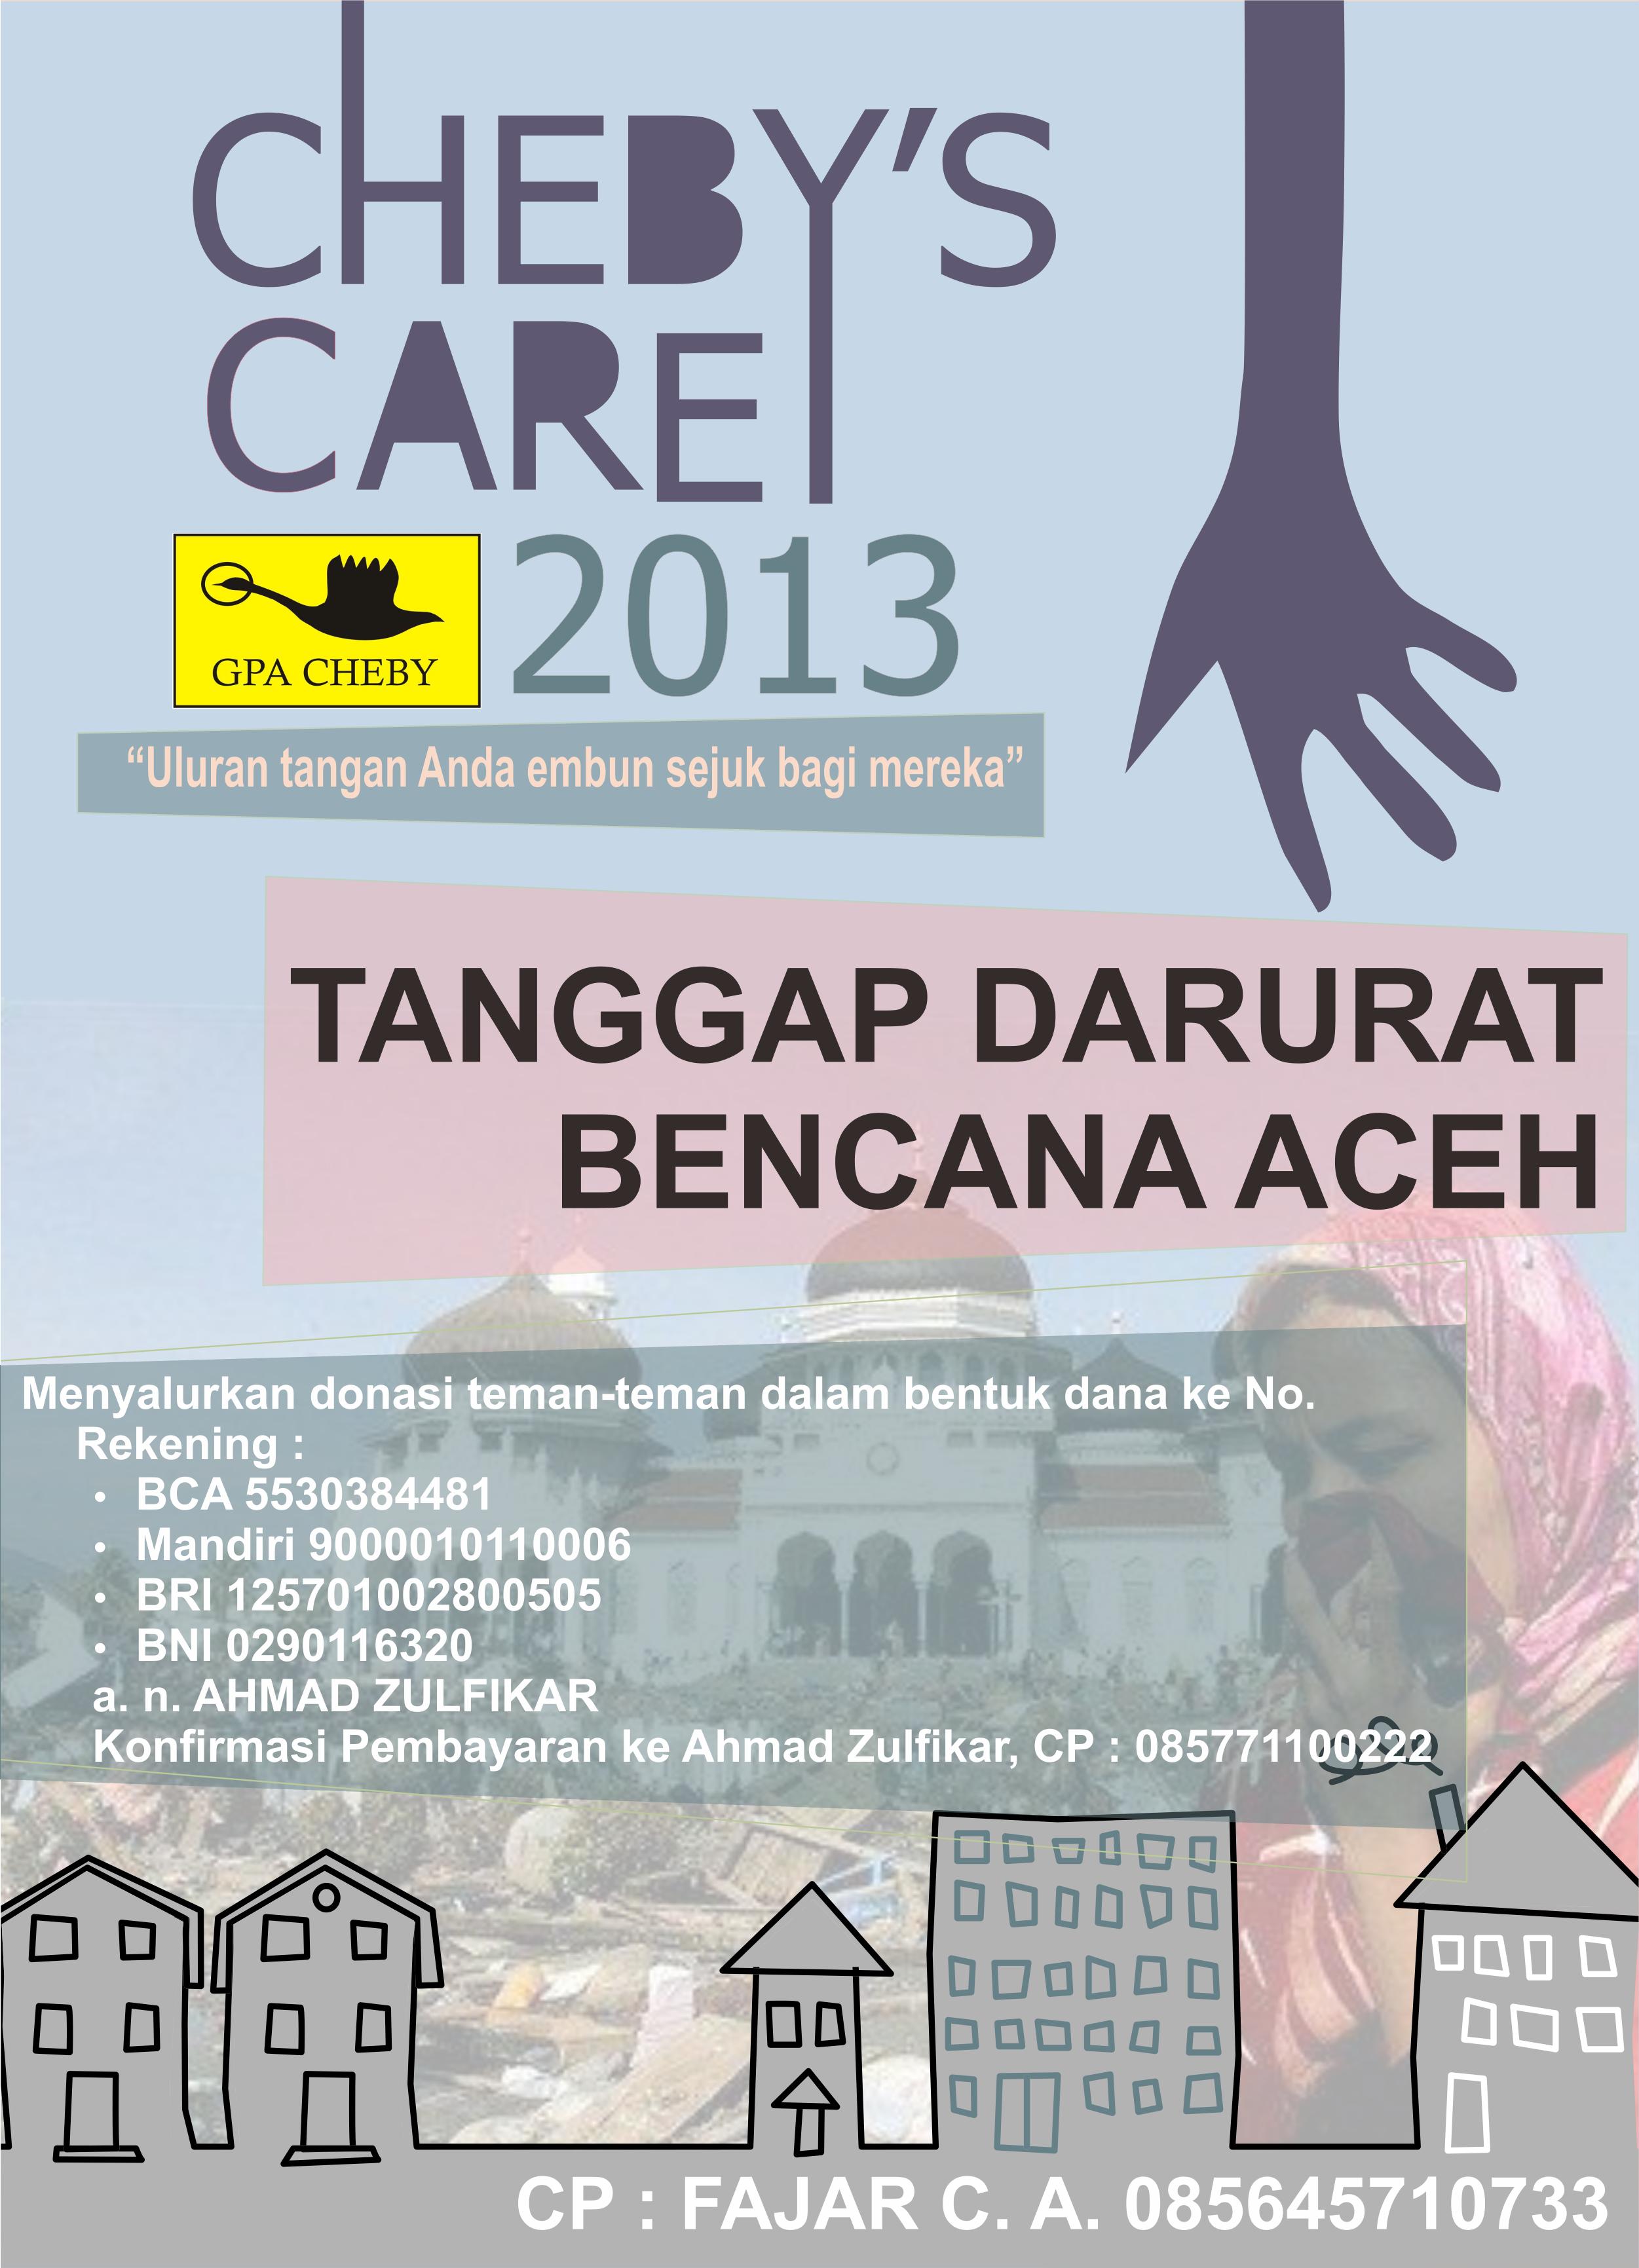 Poster Chebys Care Proker Cheby Tanggap Darurat Ketika Terjadi Bencana Saat Itu Di Aceh Sumbangan Disalurkan Ke Bmsi Pemandangan Abstrak Poster Pemandangan